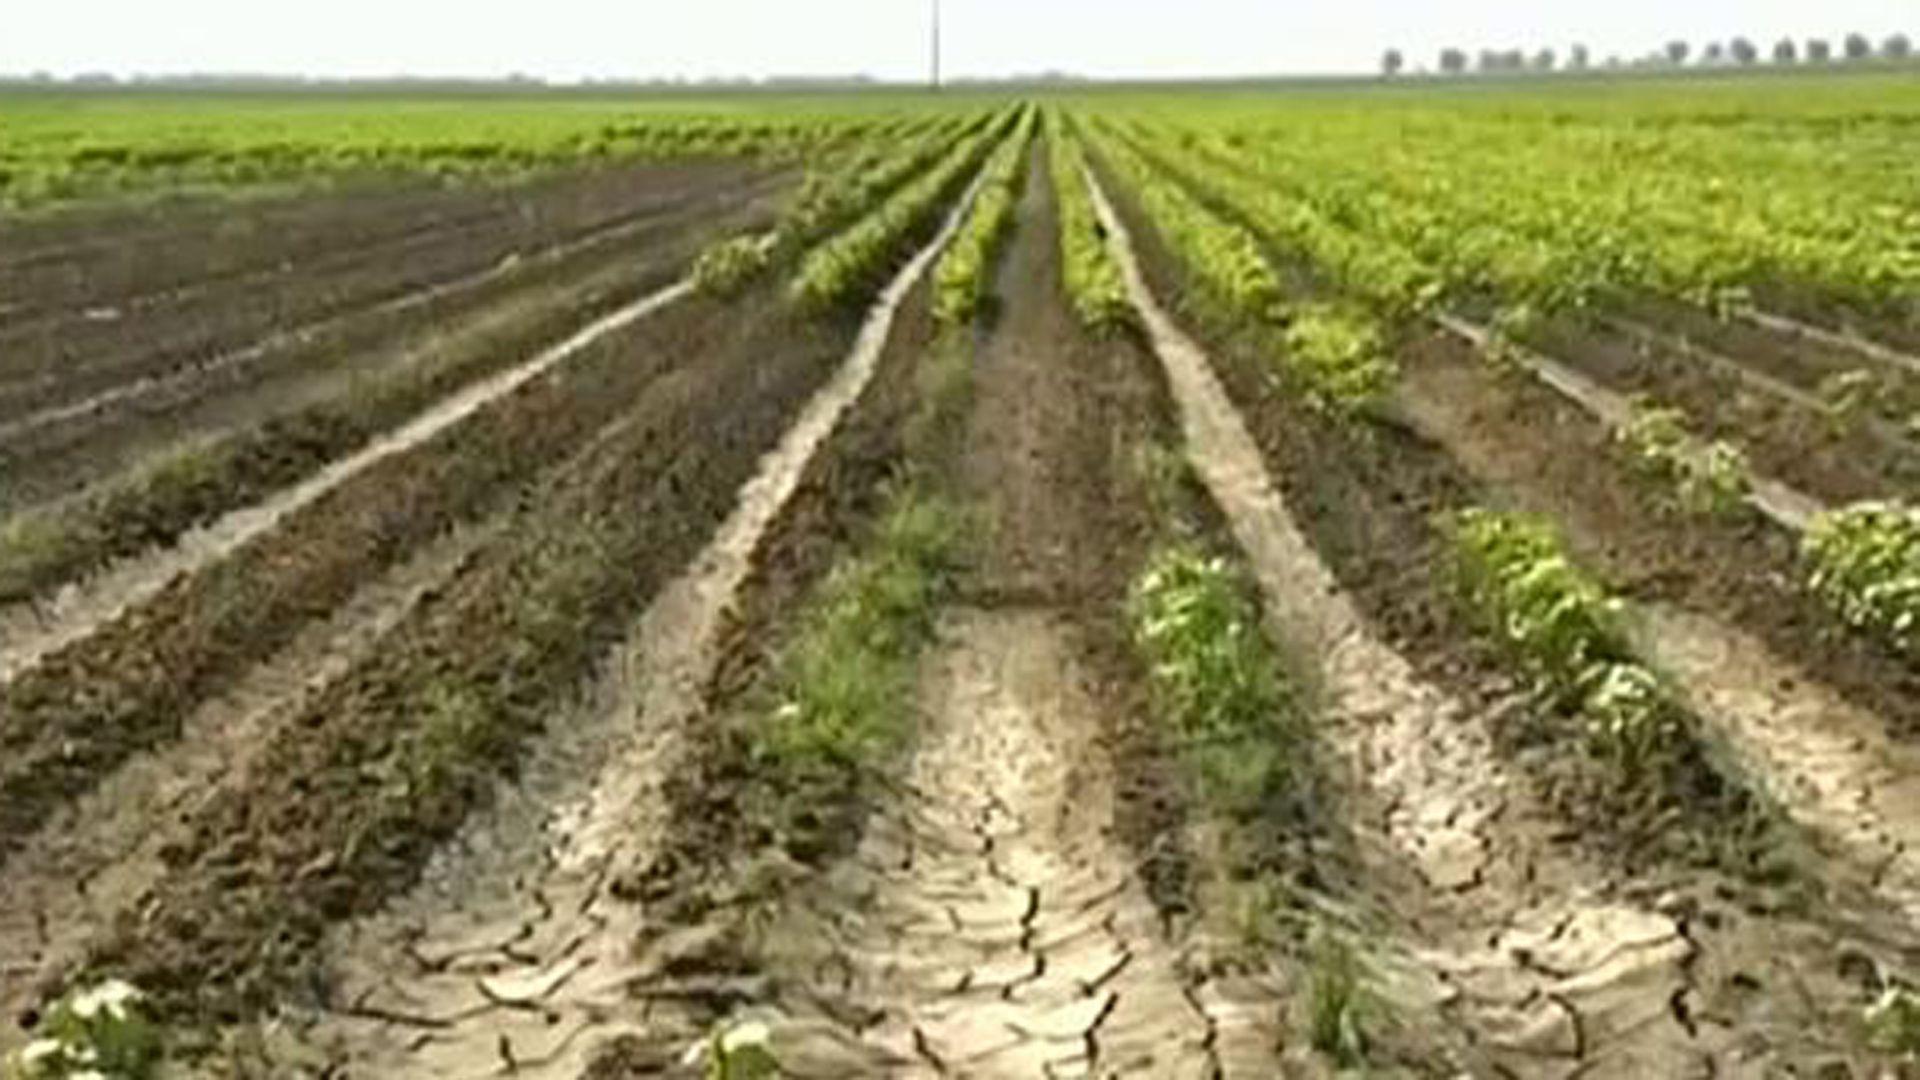 La agricultura también está amenazada por el cambio climático